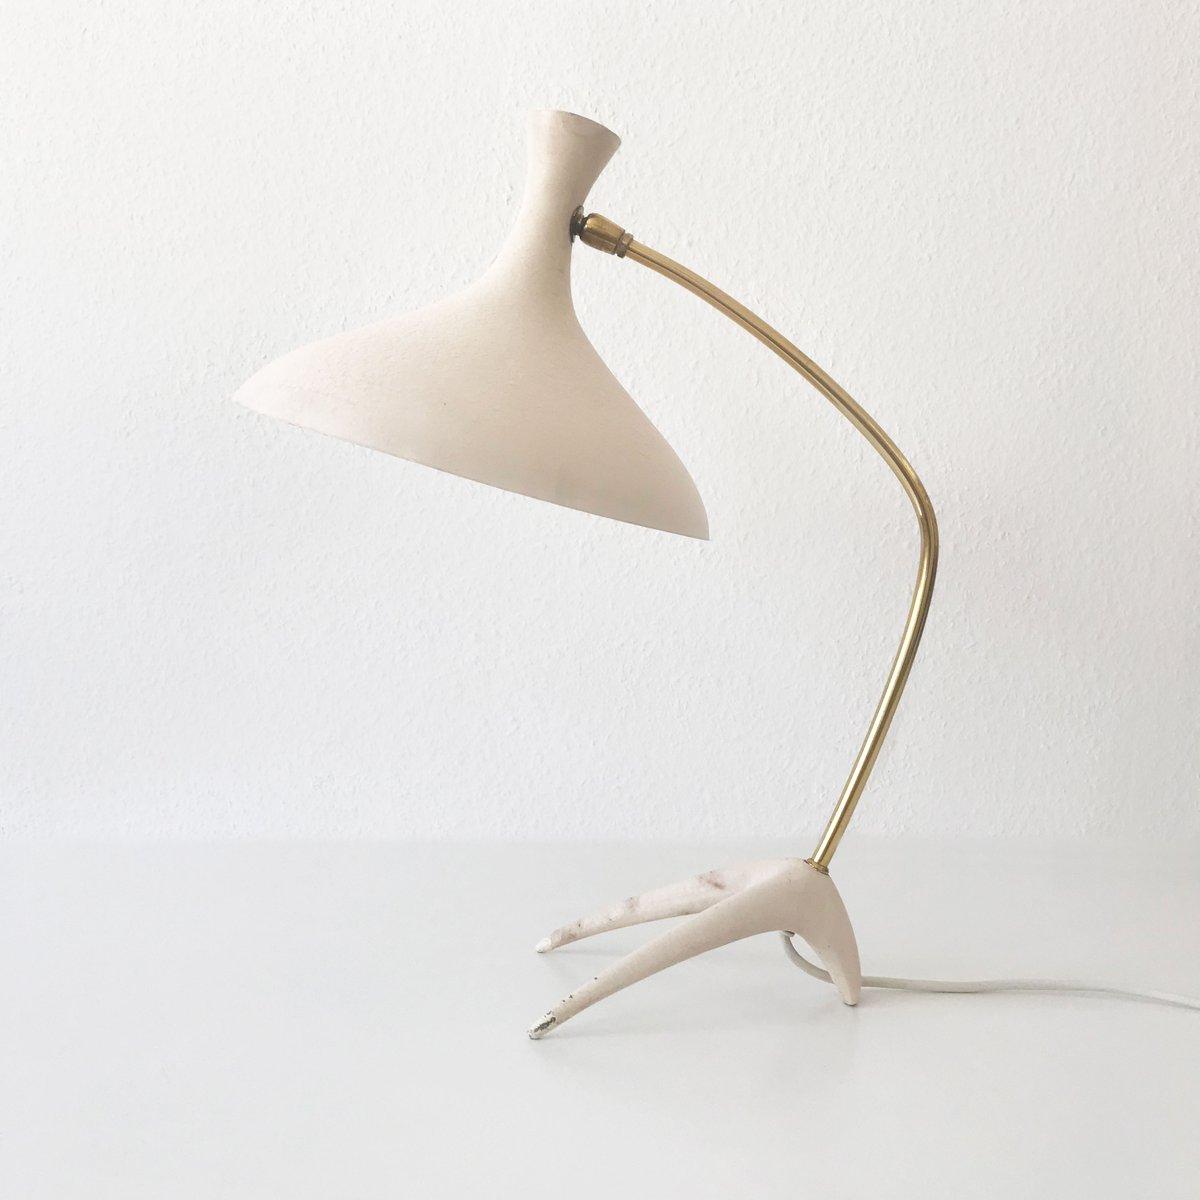 Tischlampe von Louis Kalff für Gebrüder Cosack, 1950er